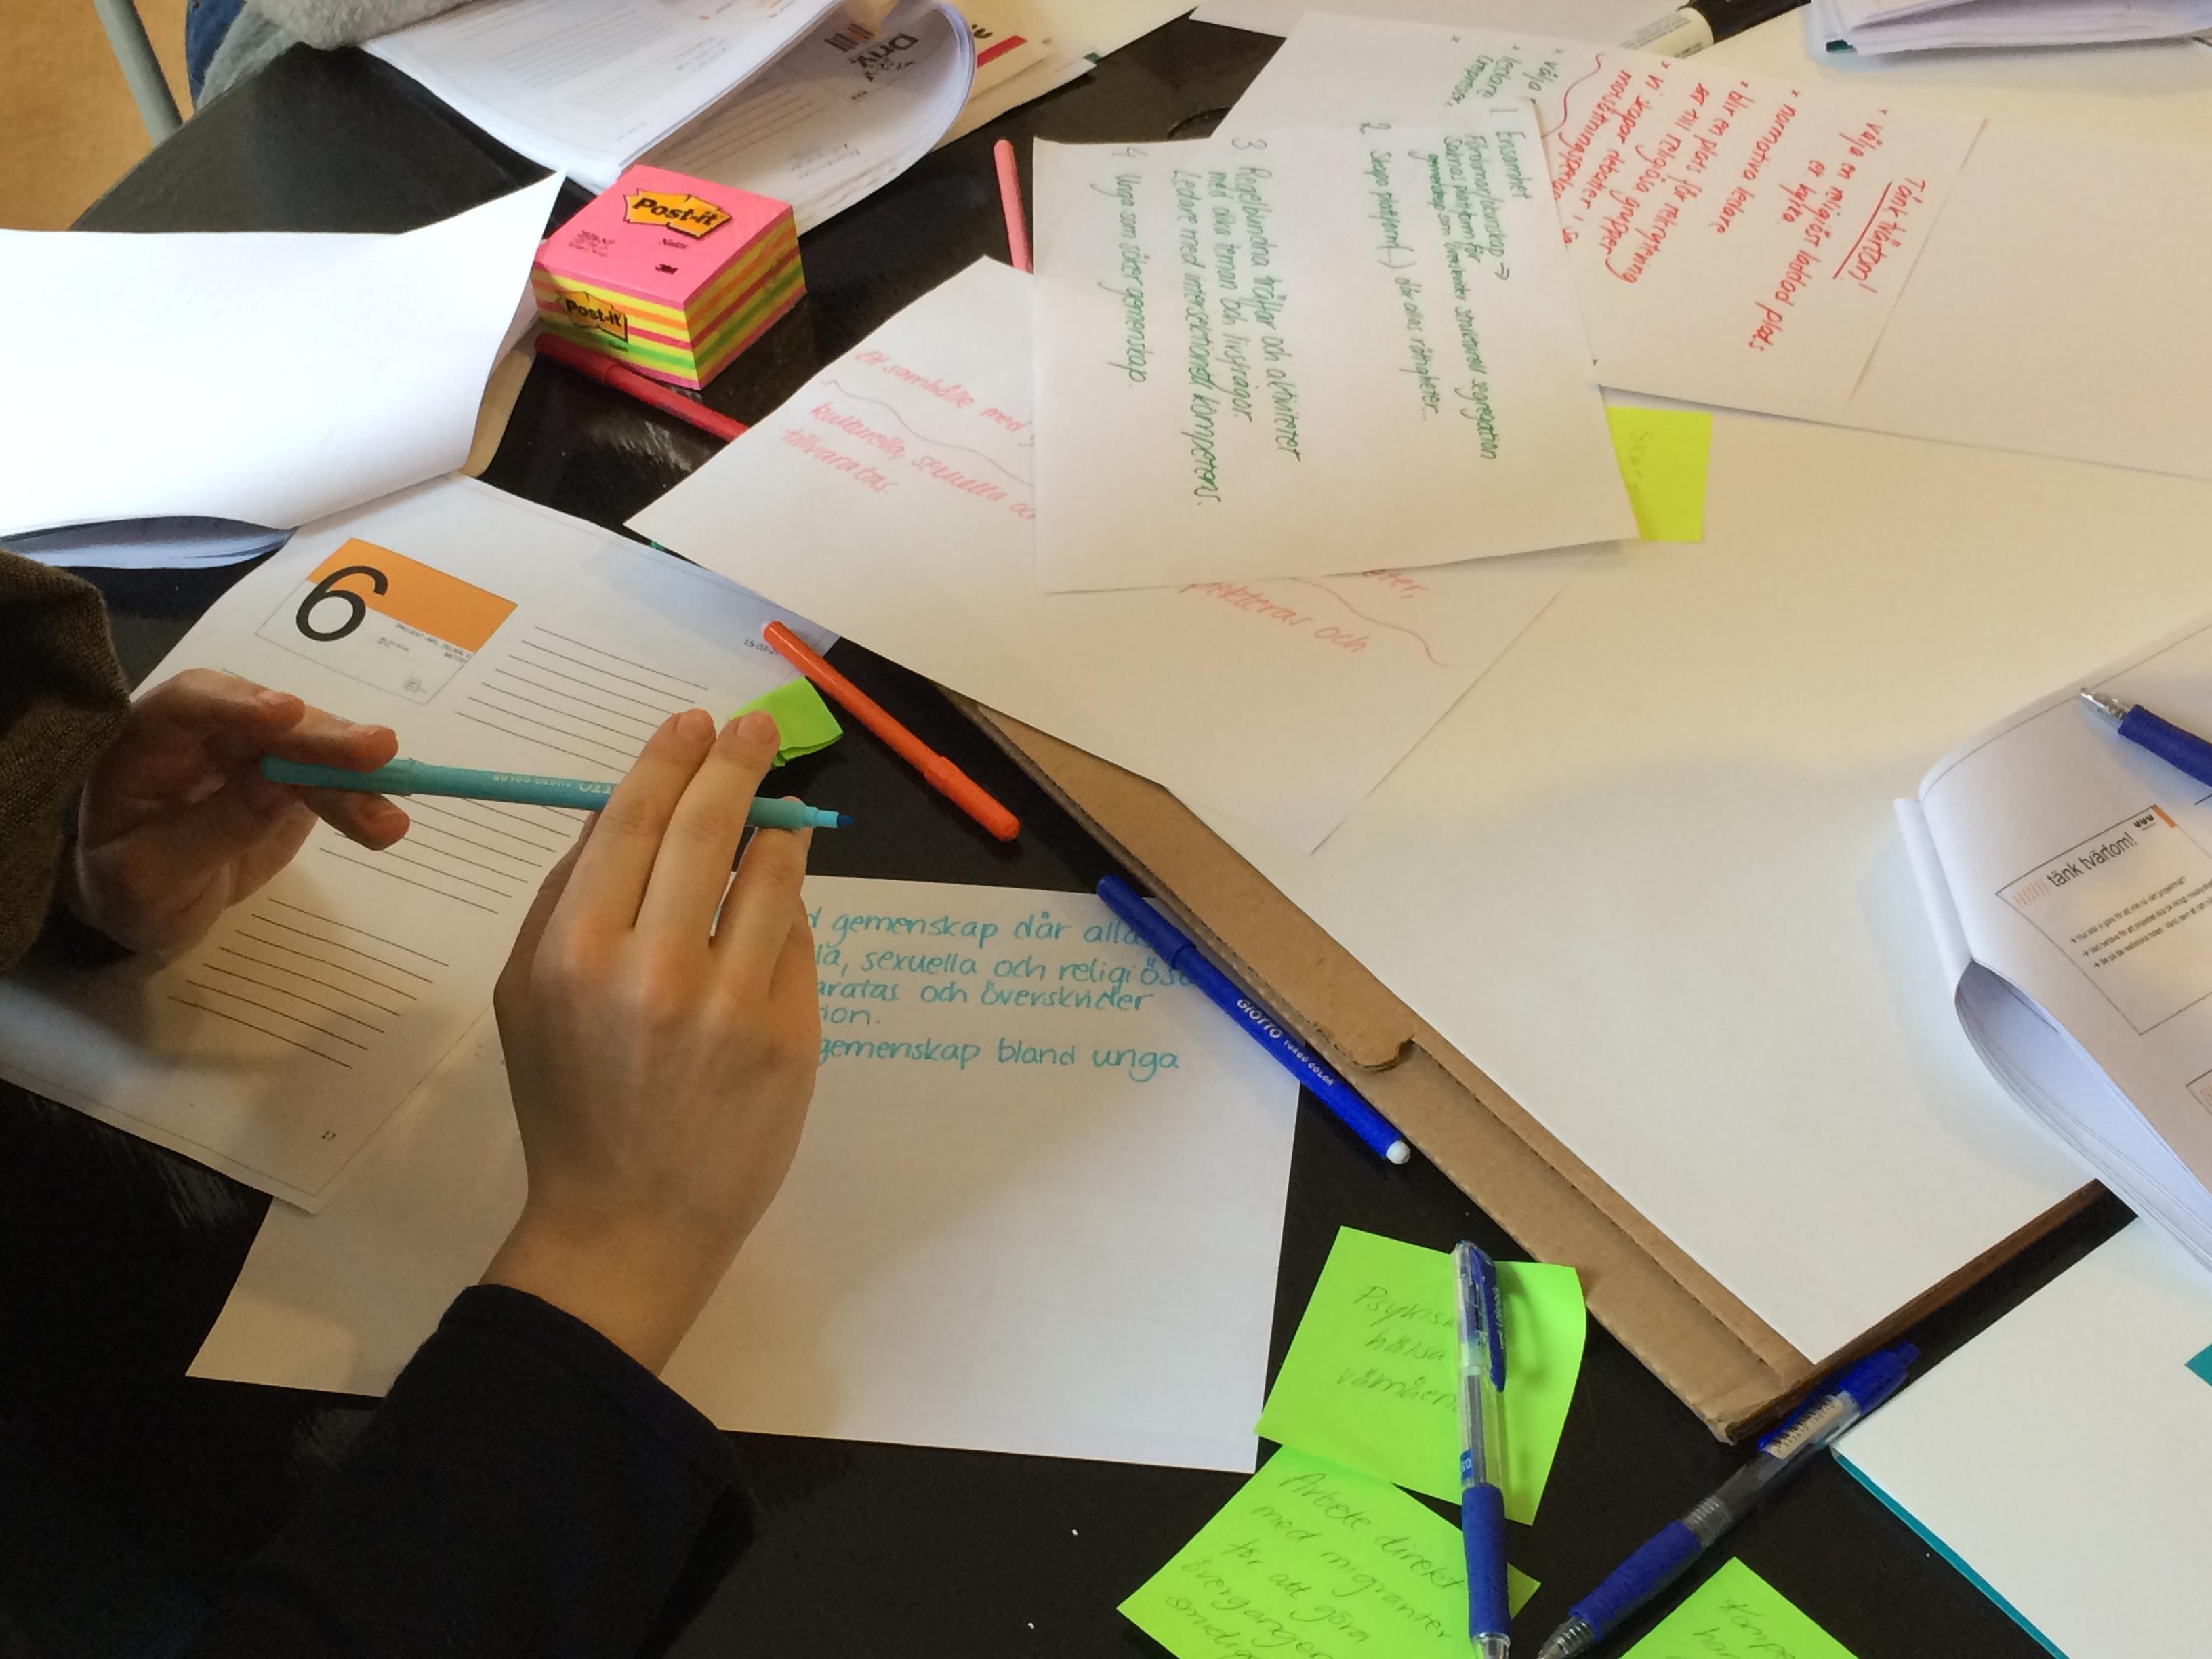 PeaceWorks utbildningar och publikationer 2